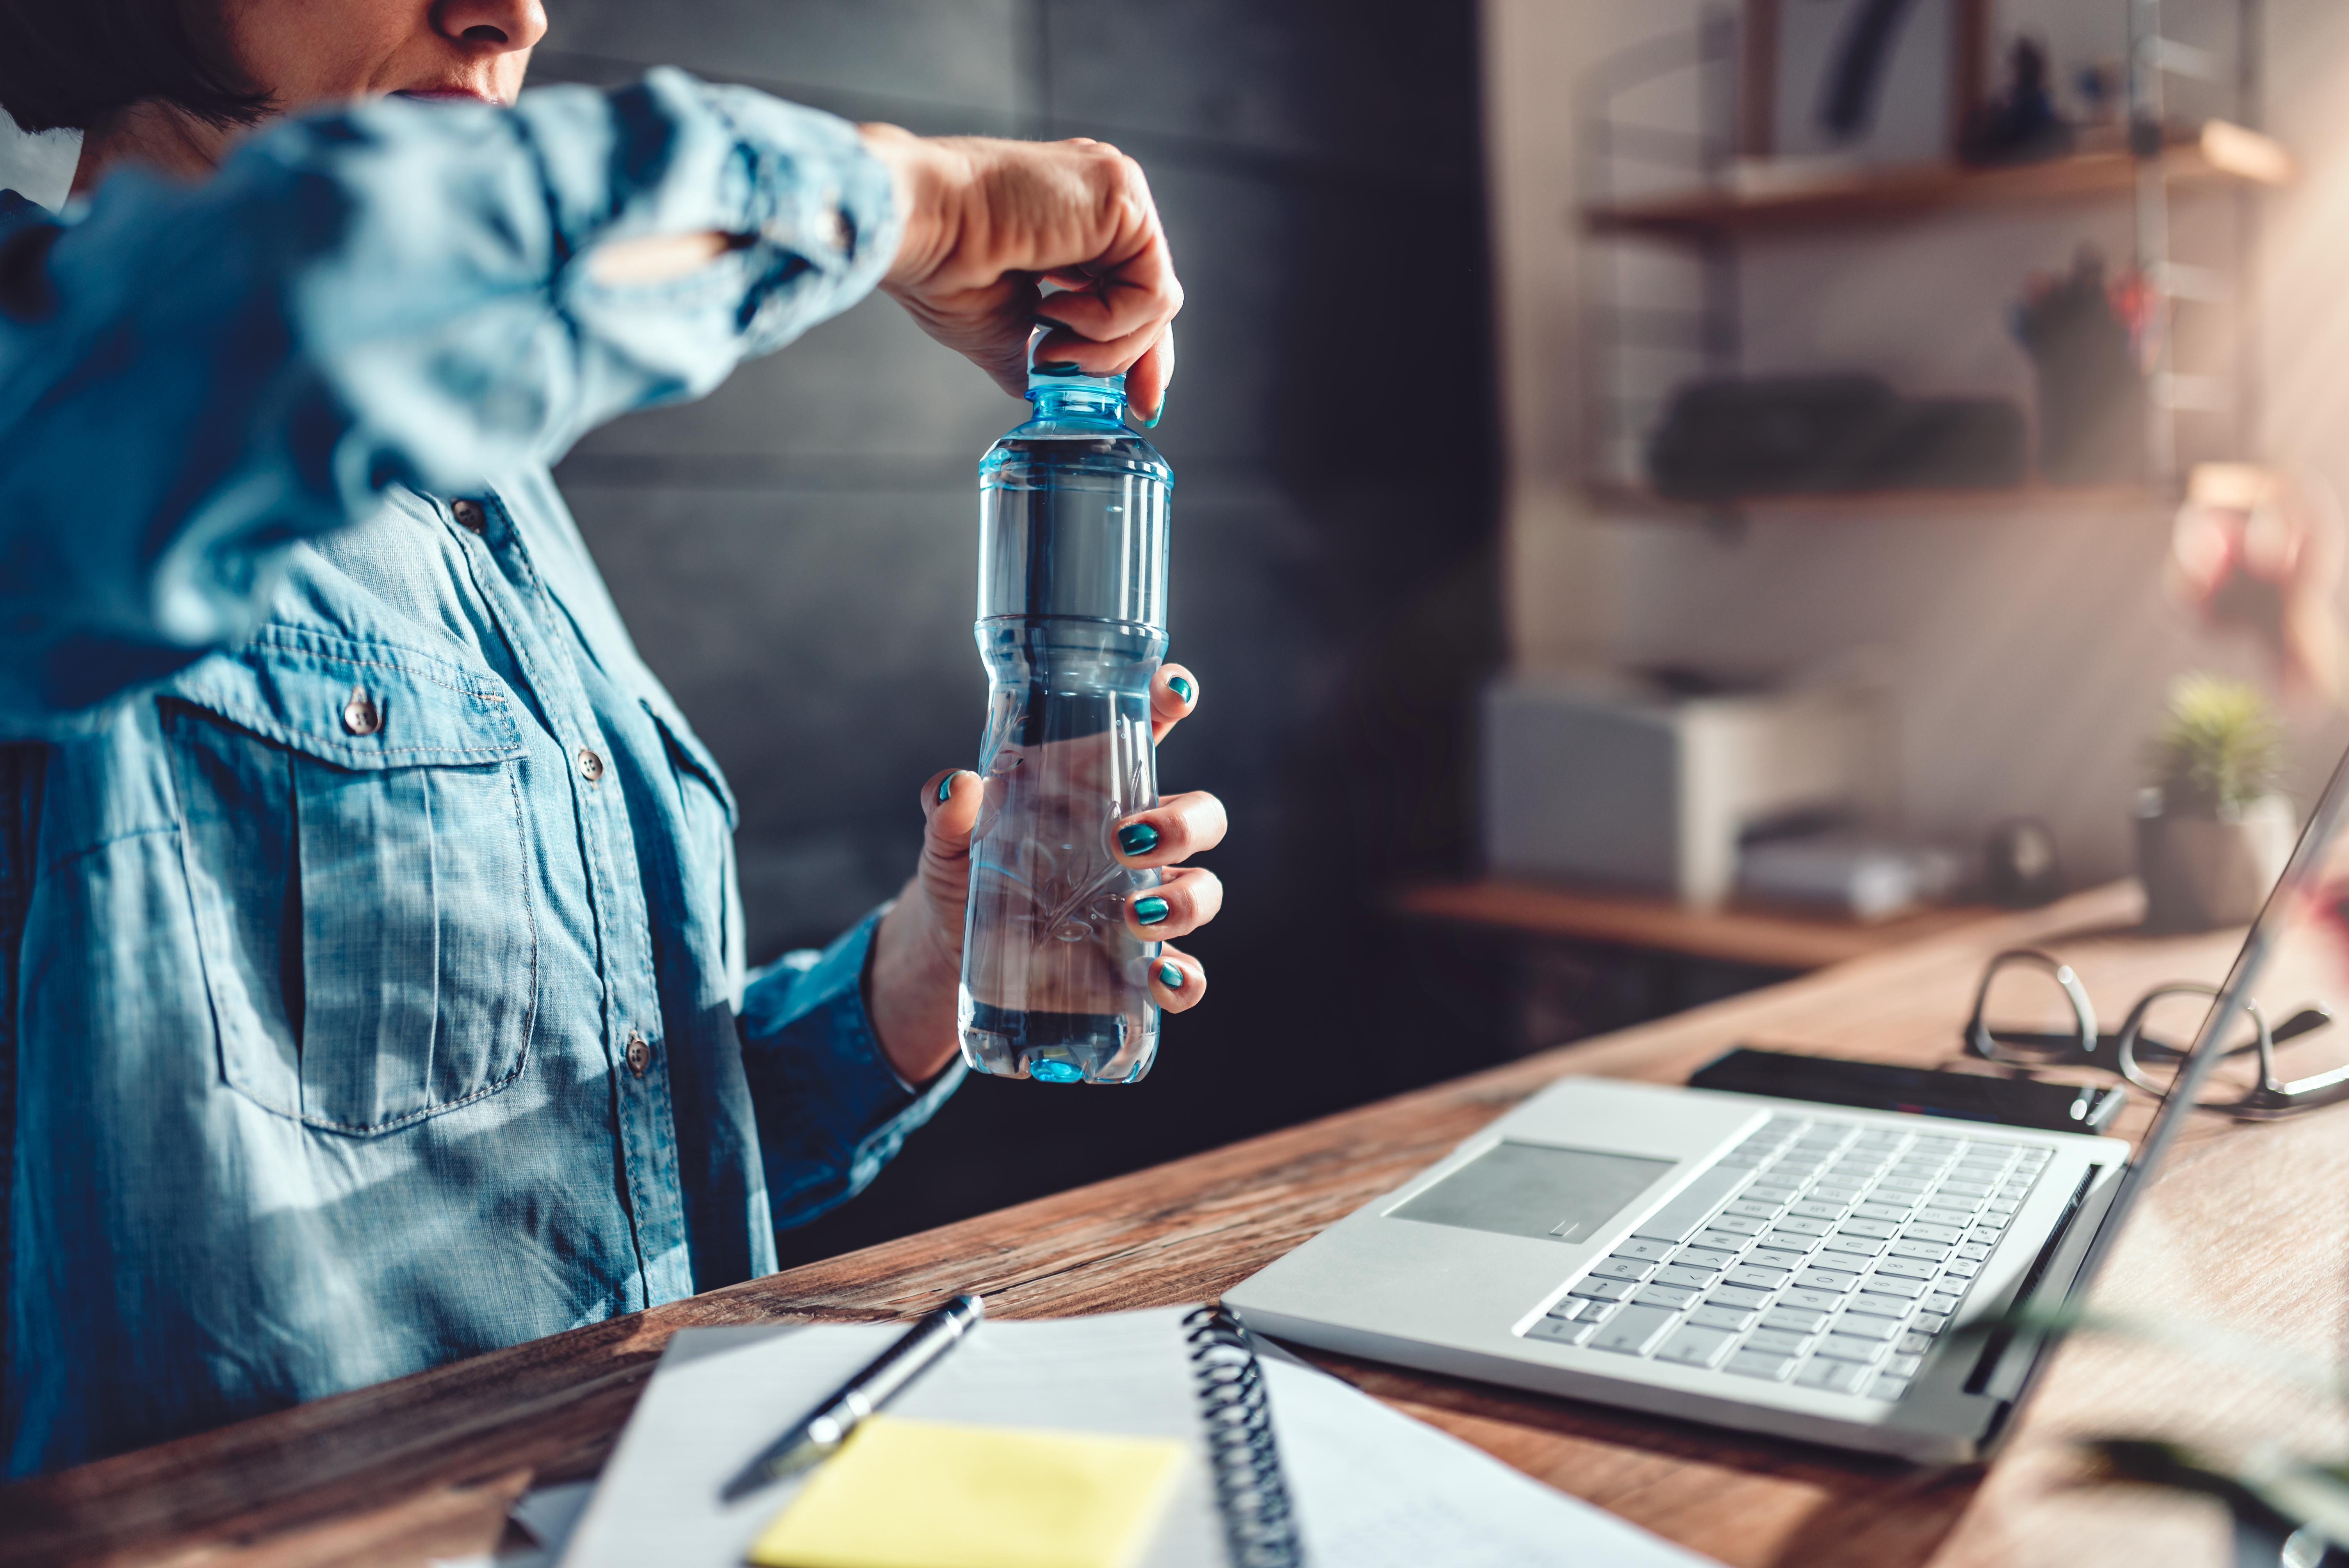 <p>2. Не пиете достатъчно вода Хидратацията е изключително важна за цялостното ви здраве. Пиенето на достатъчно вода има няколко ползи за здравето, включително насърчаване на здравето на мозъка и сърцето и оптимизиране на физическите дейности. Освен това водата поддържа кожата и храносмилателната система здрави.</p>